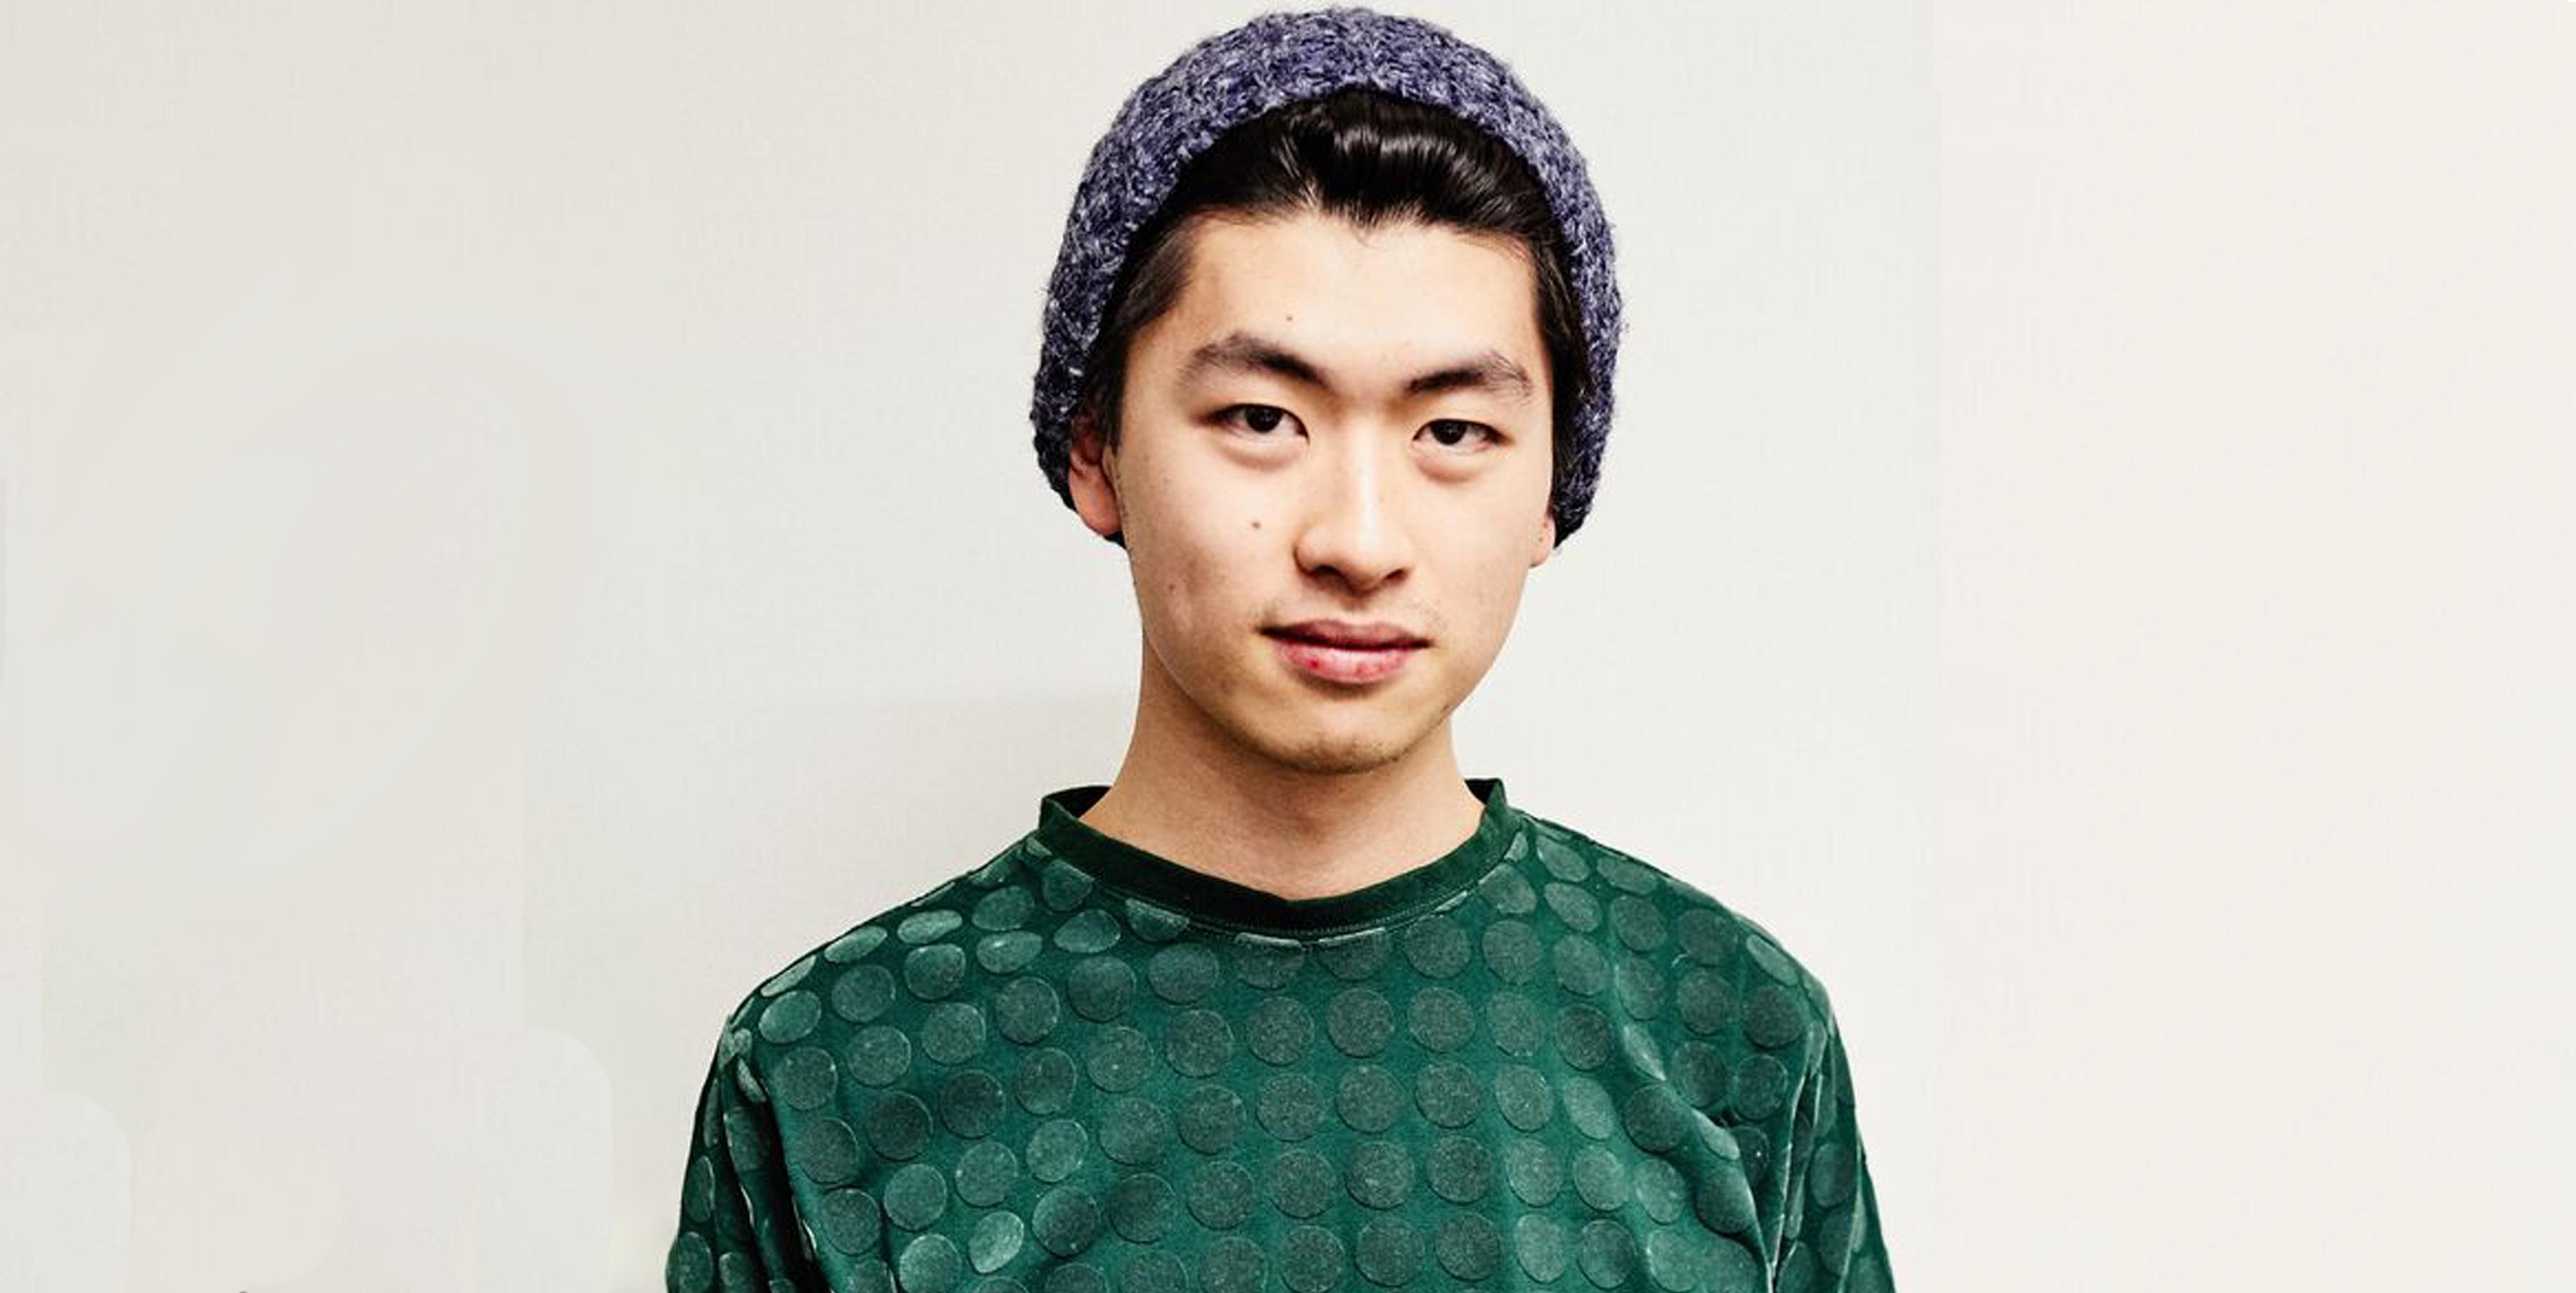 a young man wearing a green shirt